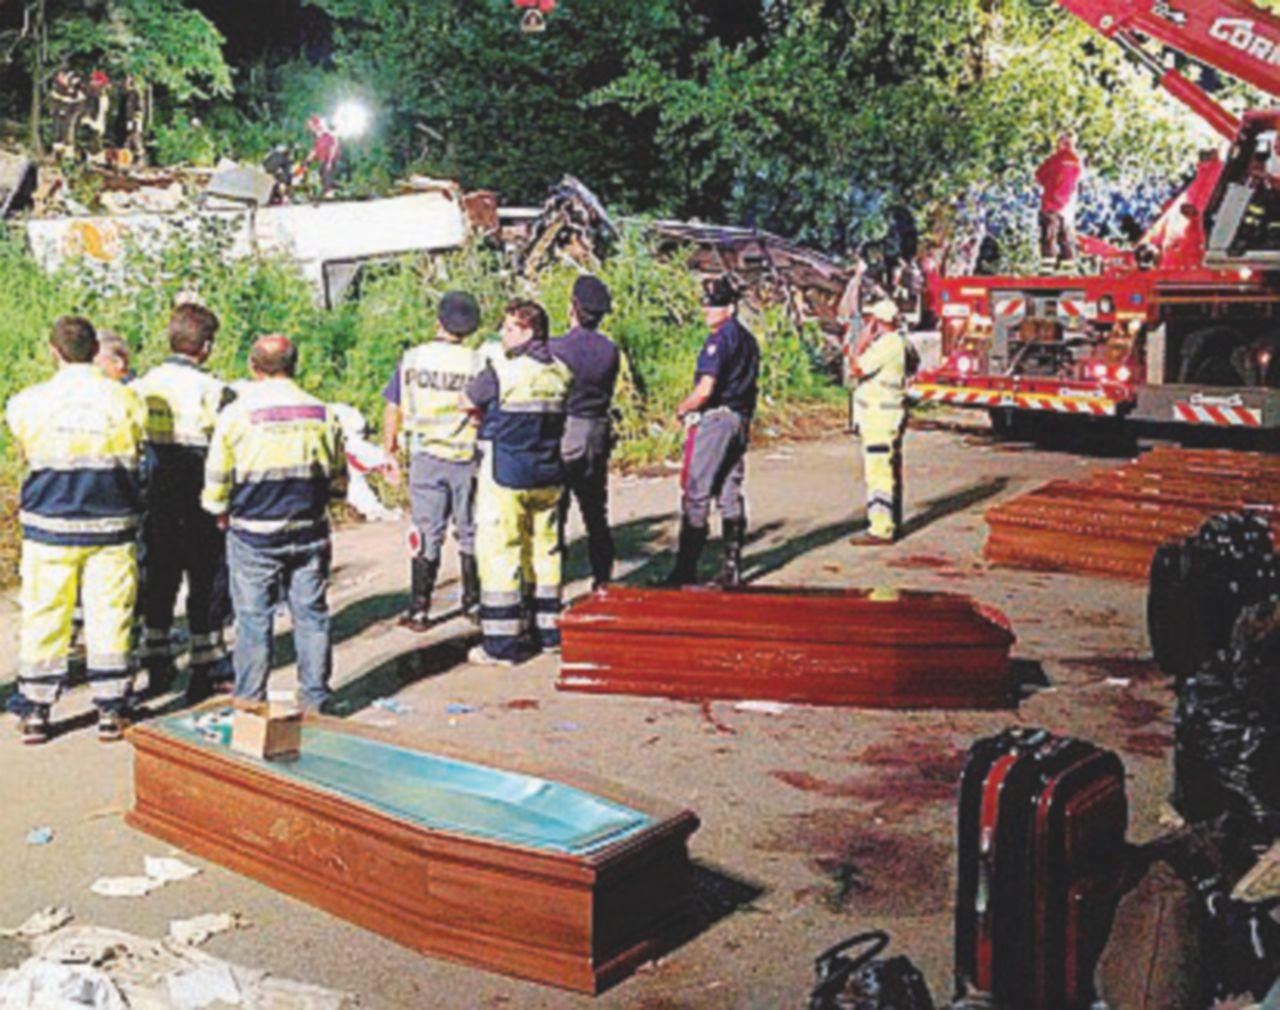 """In Edicola sul Fatto Quotidiano del 25 settembre: """"Sicurezza, i tagli di Autostrade hanno ucciso i 40 sul pullman"""""""